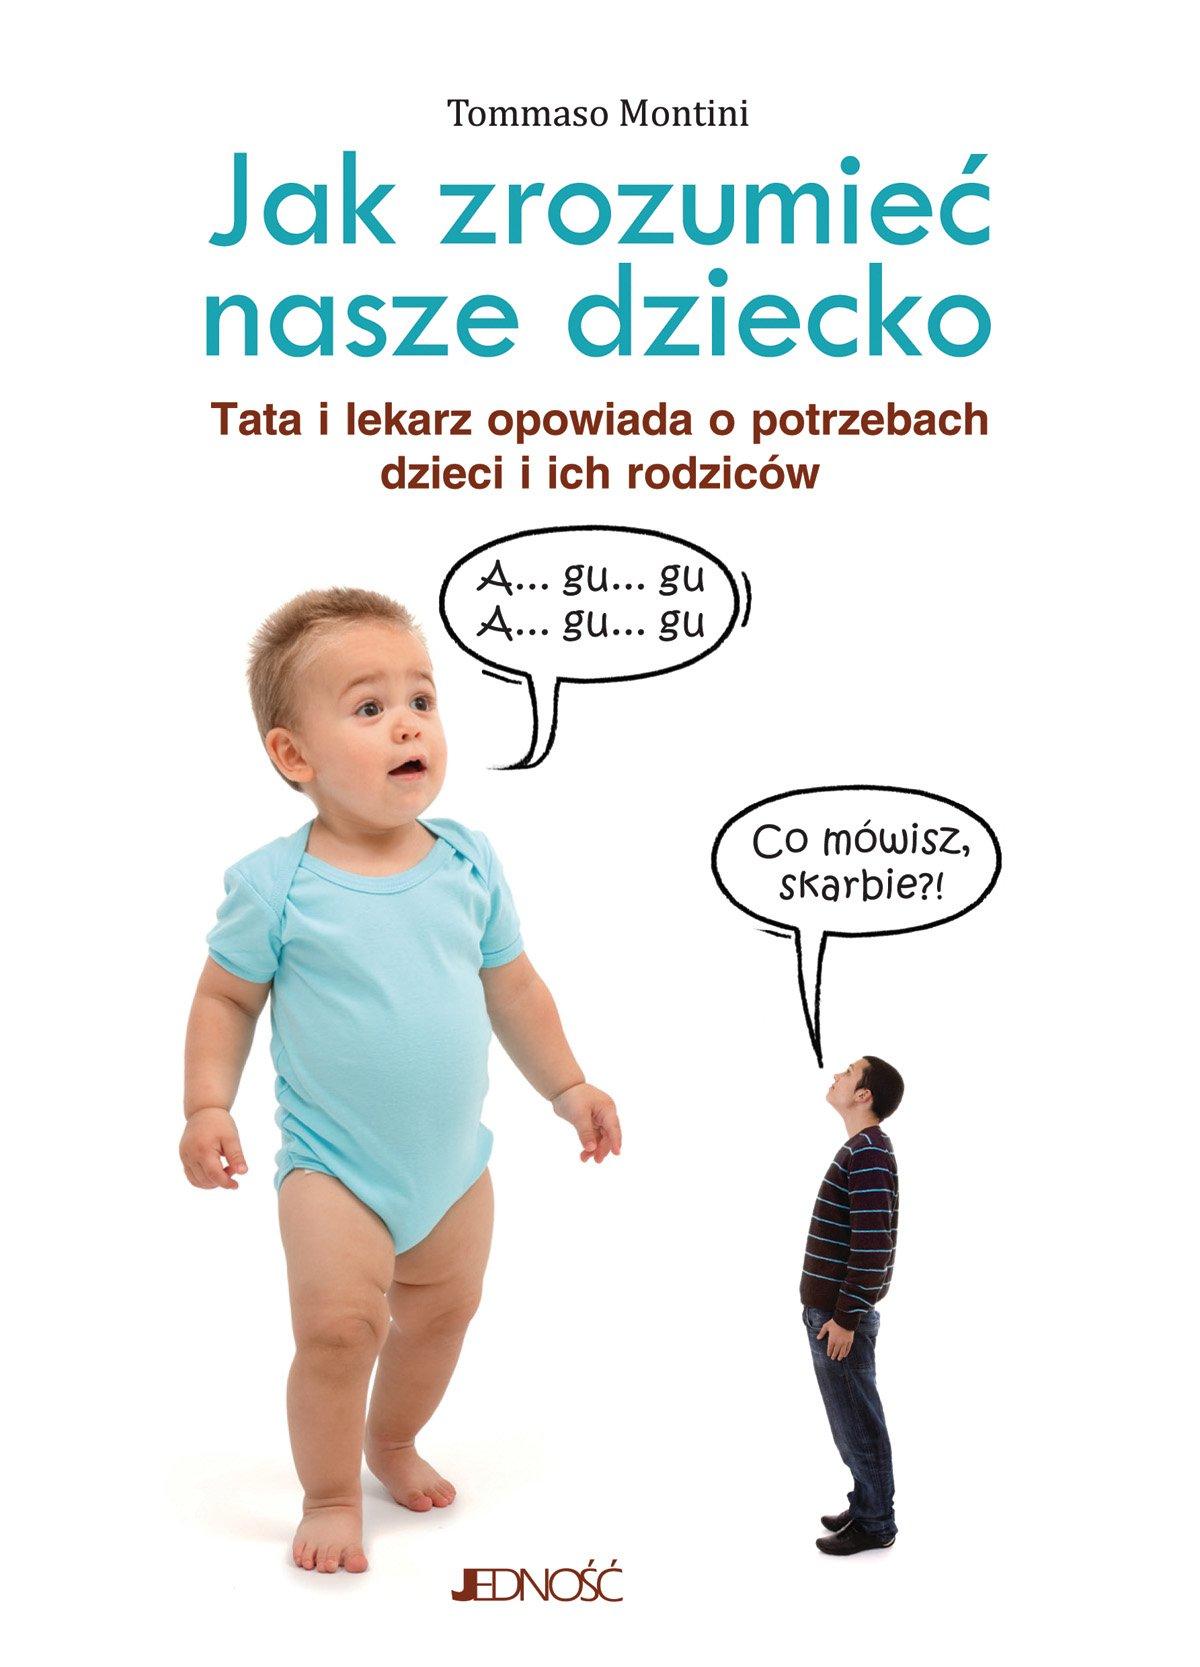 Jak zrozumieć nasze dziecko. Tata lekarz opowiada o potrzebach dzieci i ich rodziców. - Ebook (Książka EPUB) do pobrania w formacie EPUB